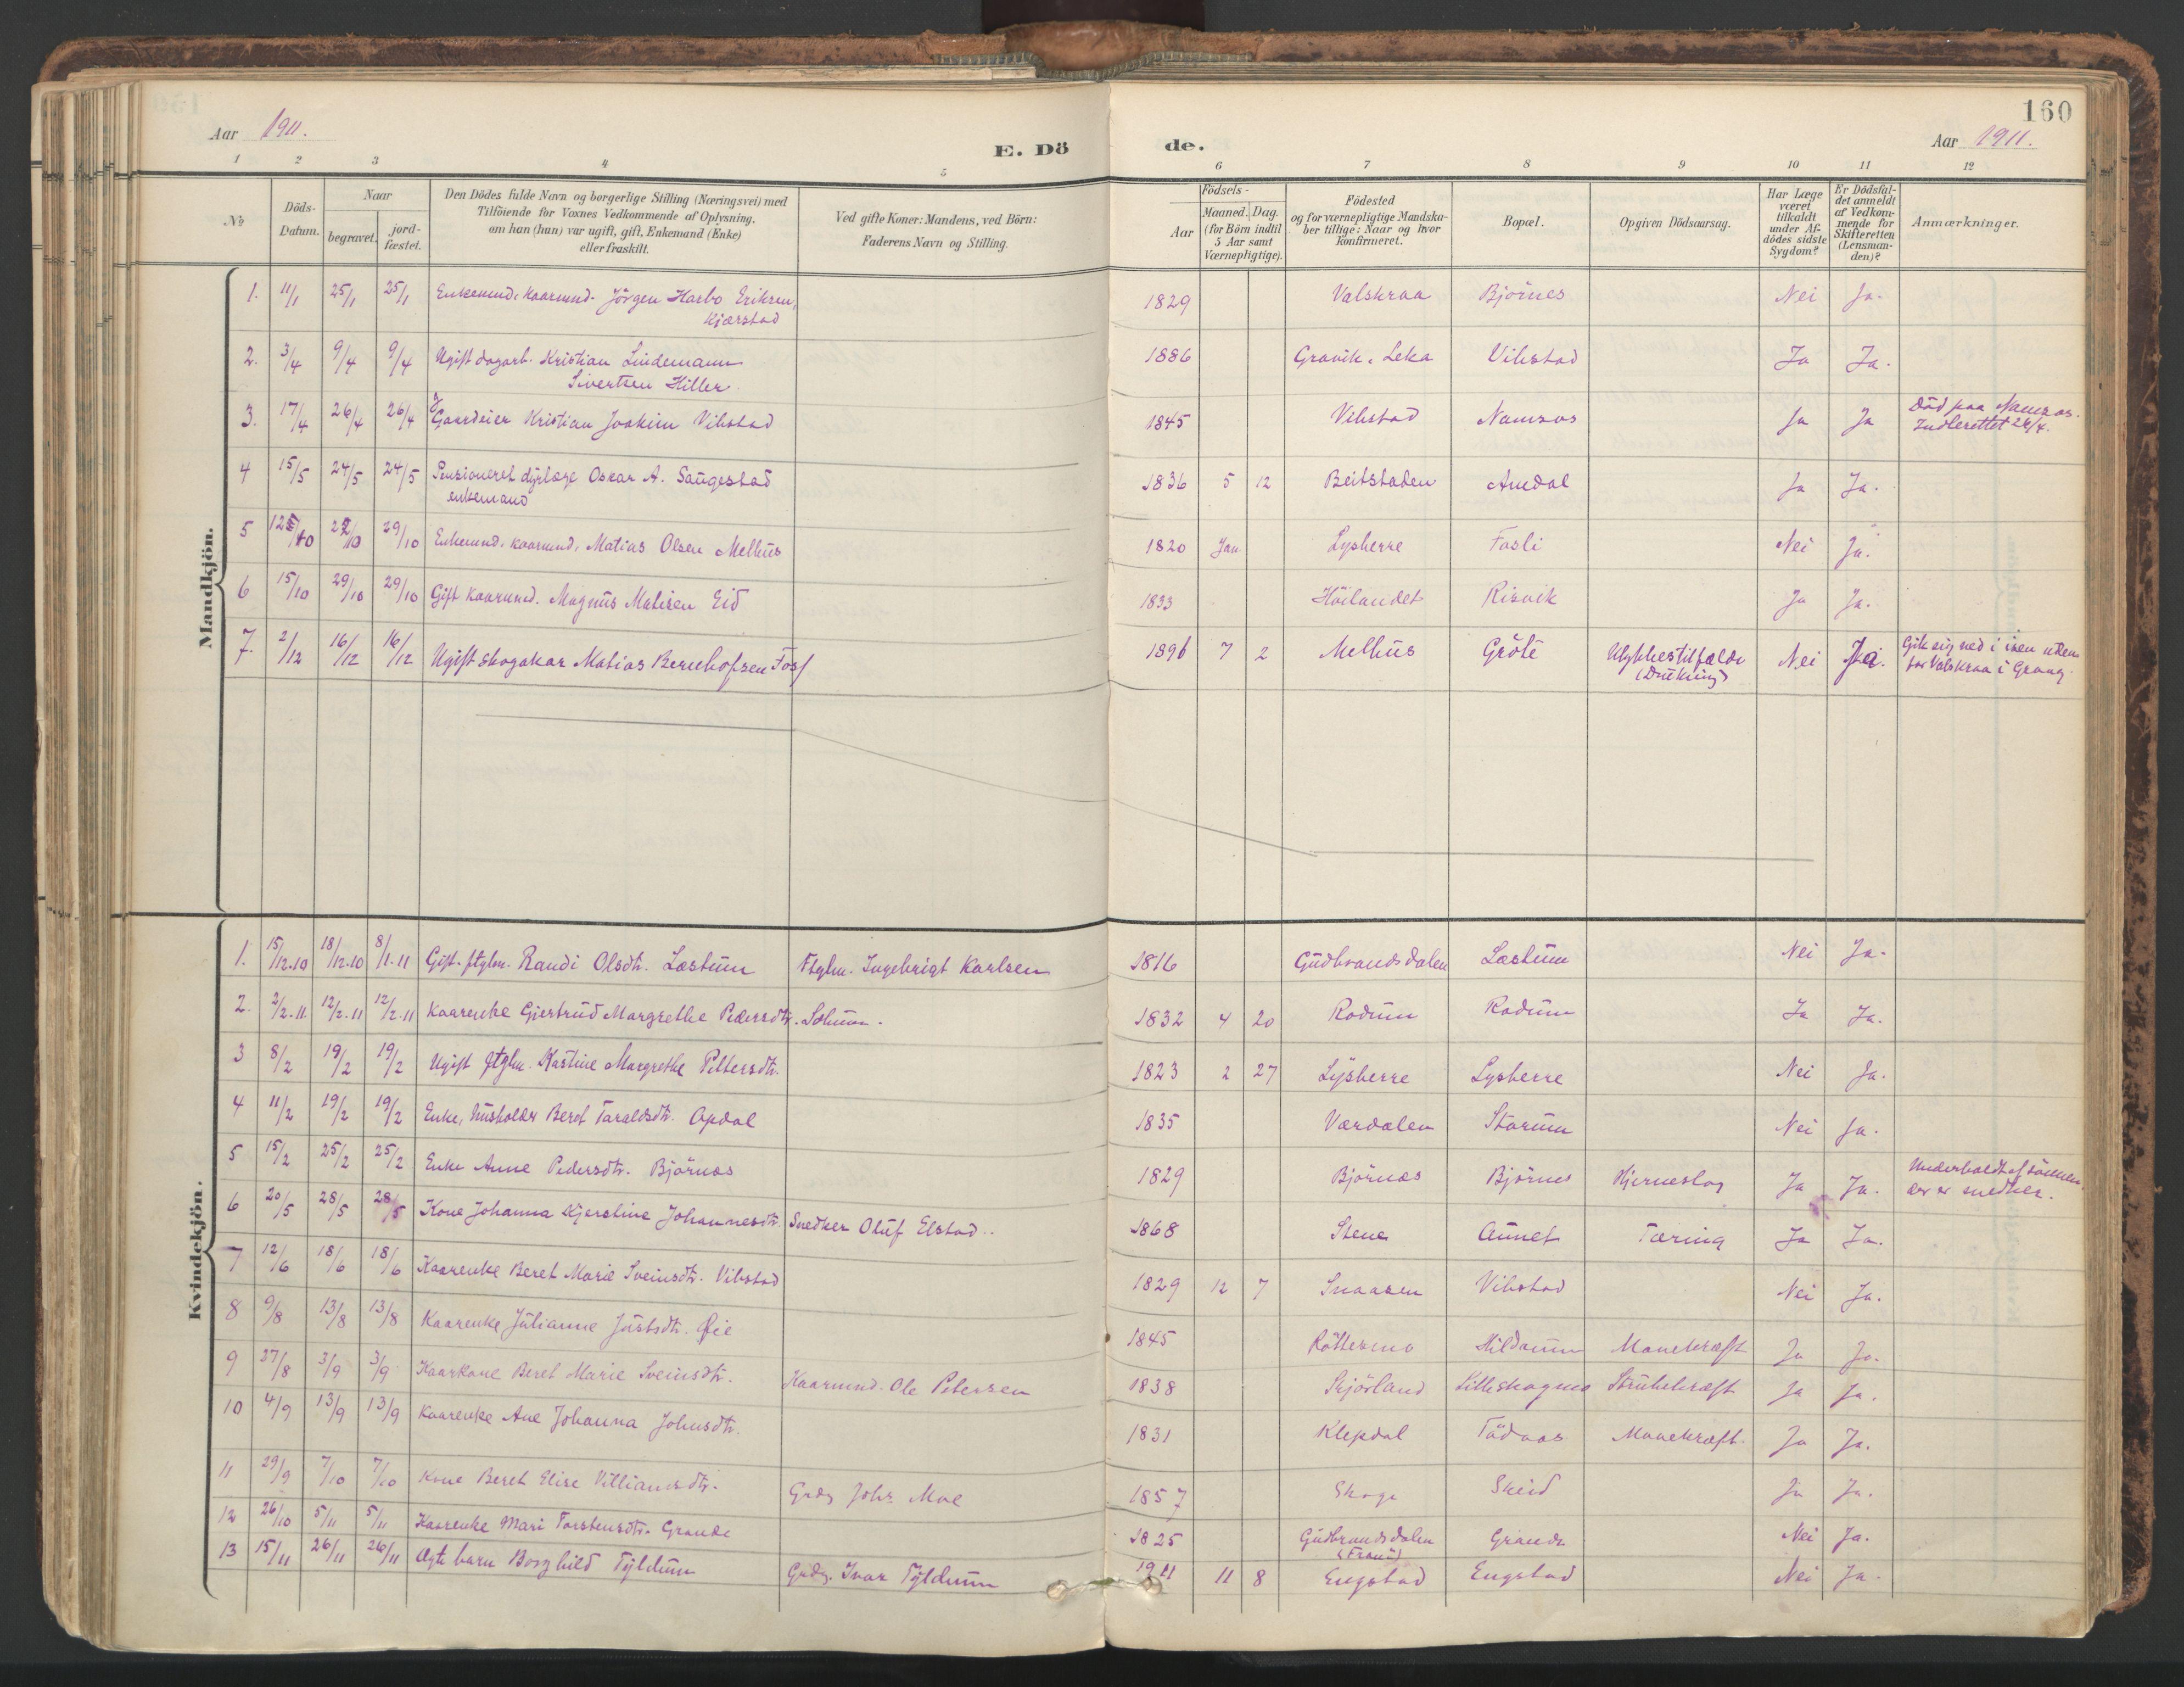 SAT, Ministerialprotokoller, klokkerbøker og fødselsregistre - Nord-Trøndelag, 764/L0556: Ministerialbok nr. 764A11, 1897-1924, s. 160